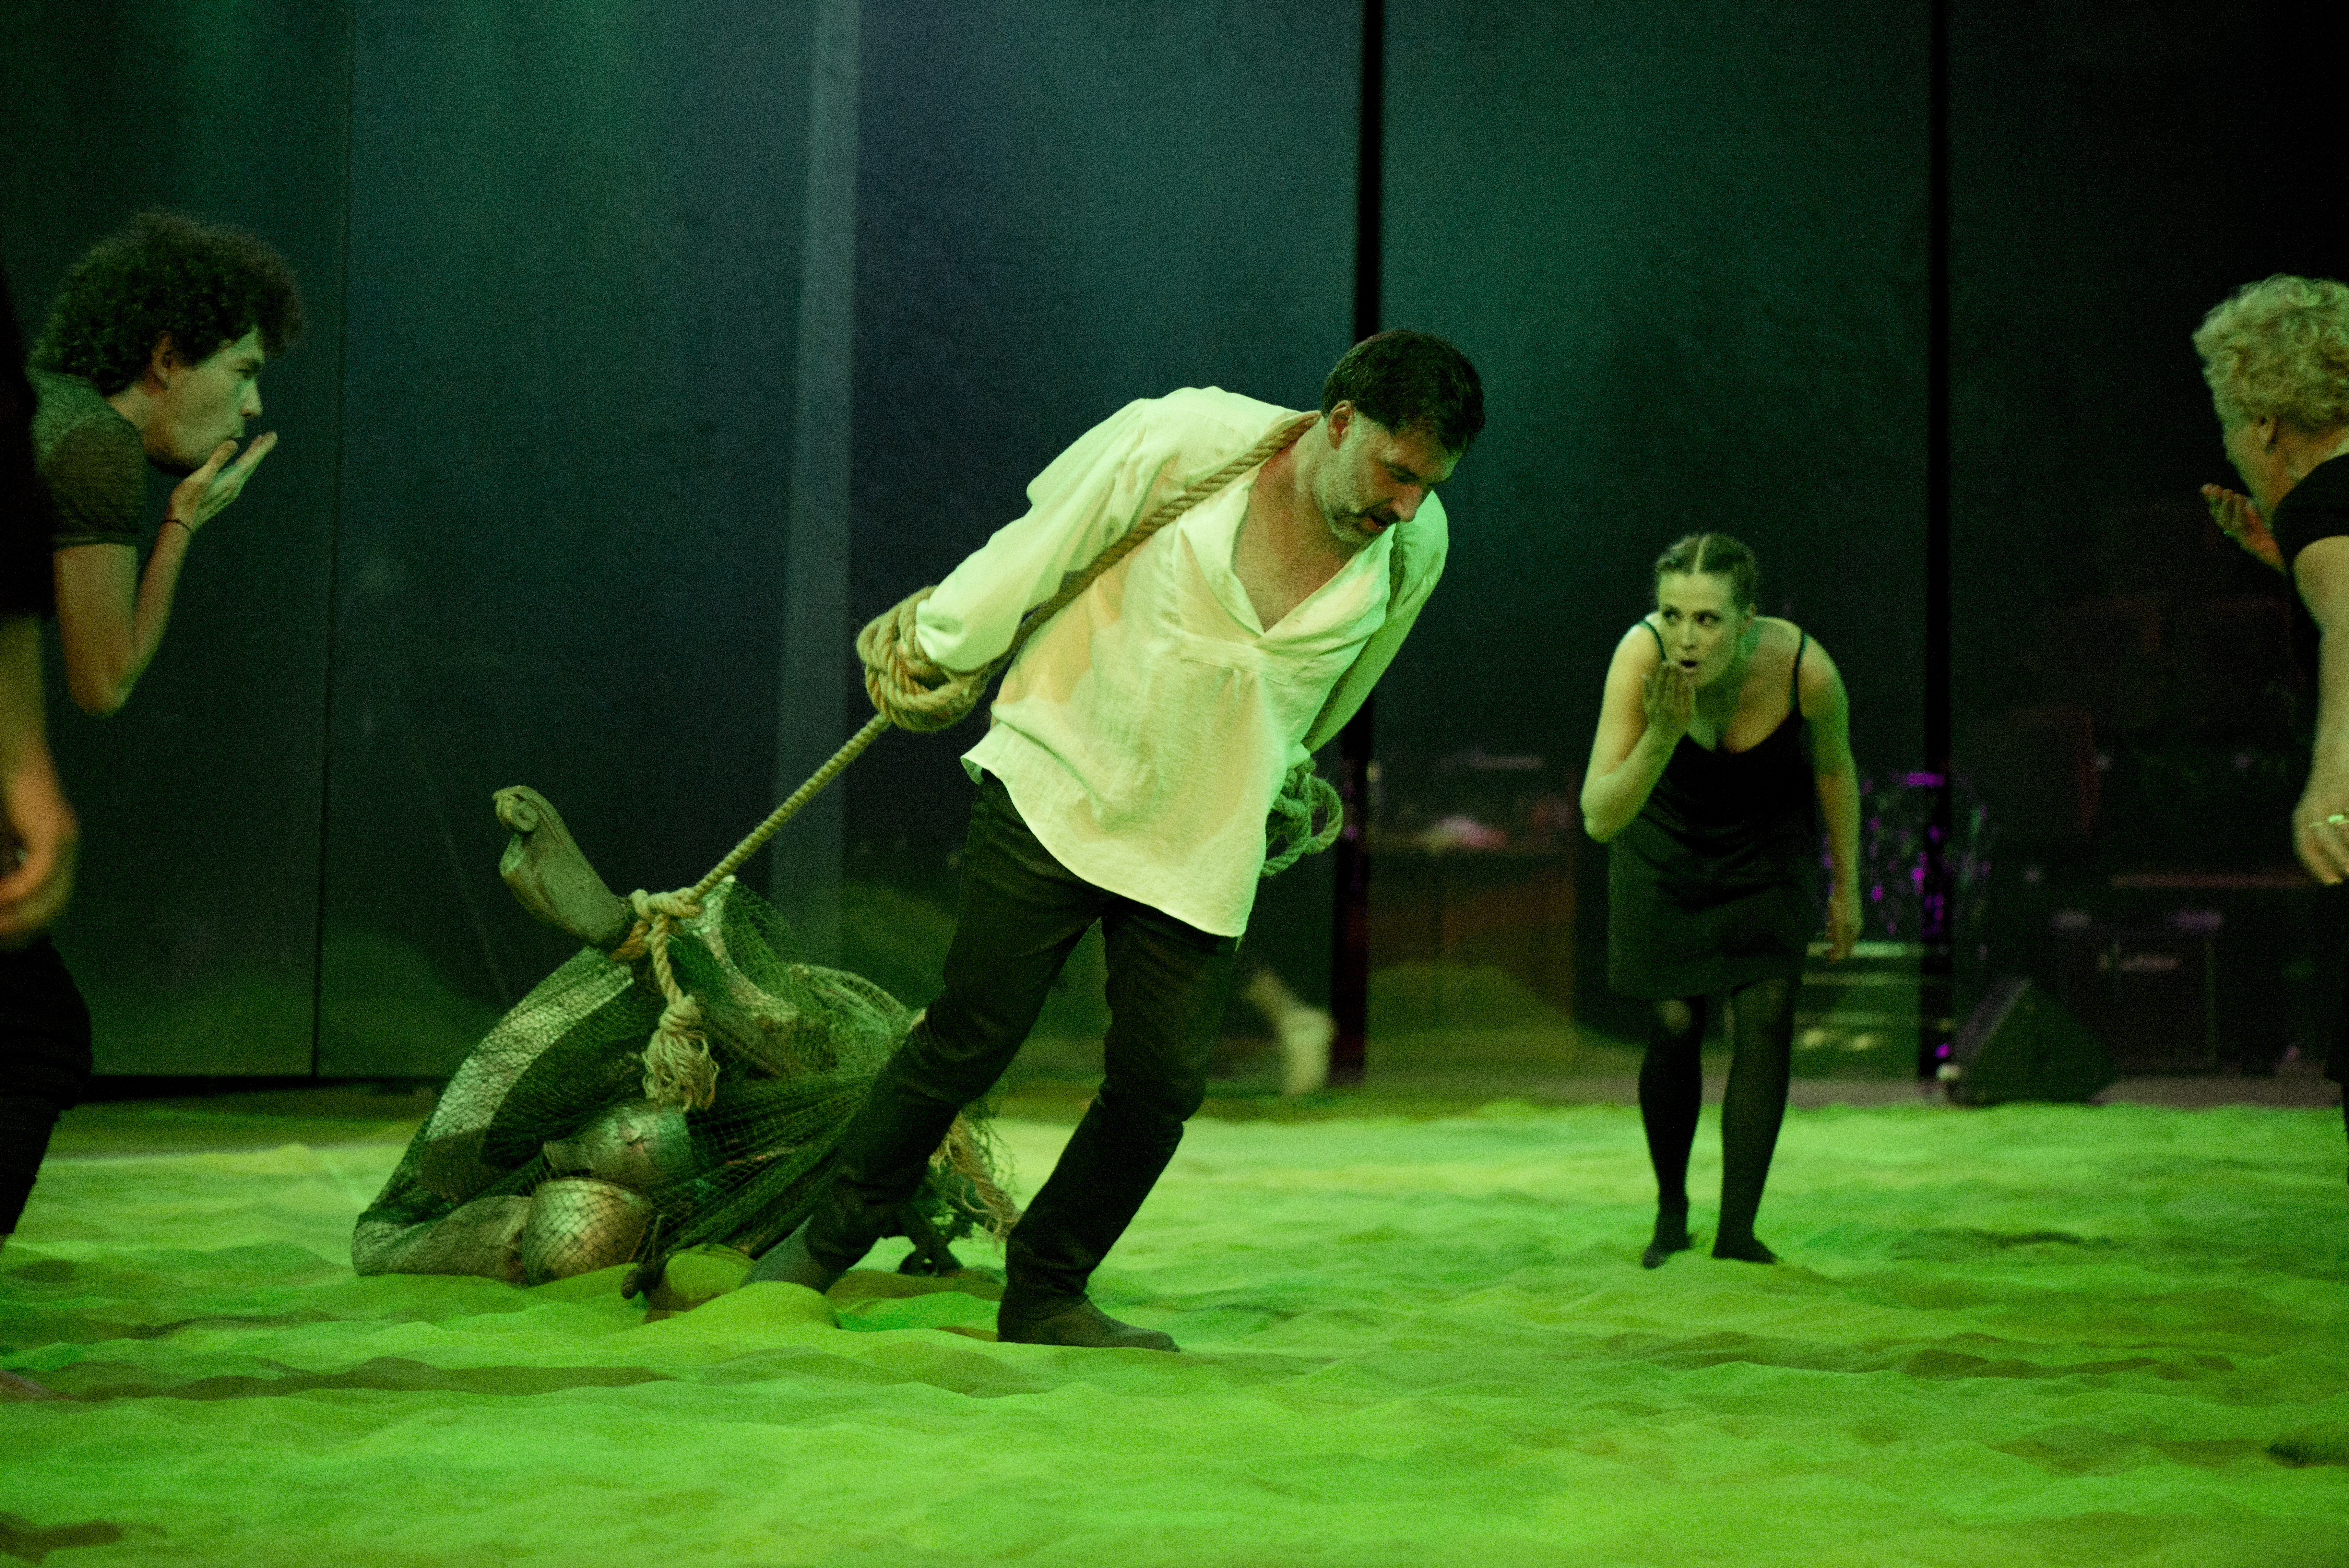 <i>Mission</i>, directed by Bartosz Szydłowski. Photographer: Bartosz Siedlik